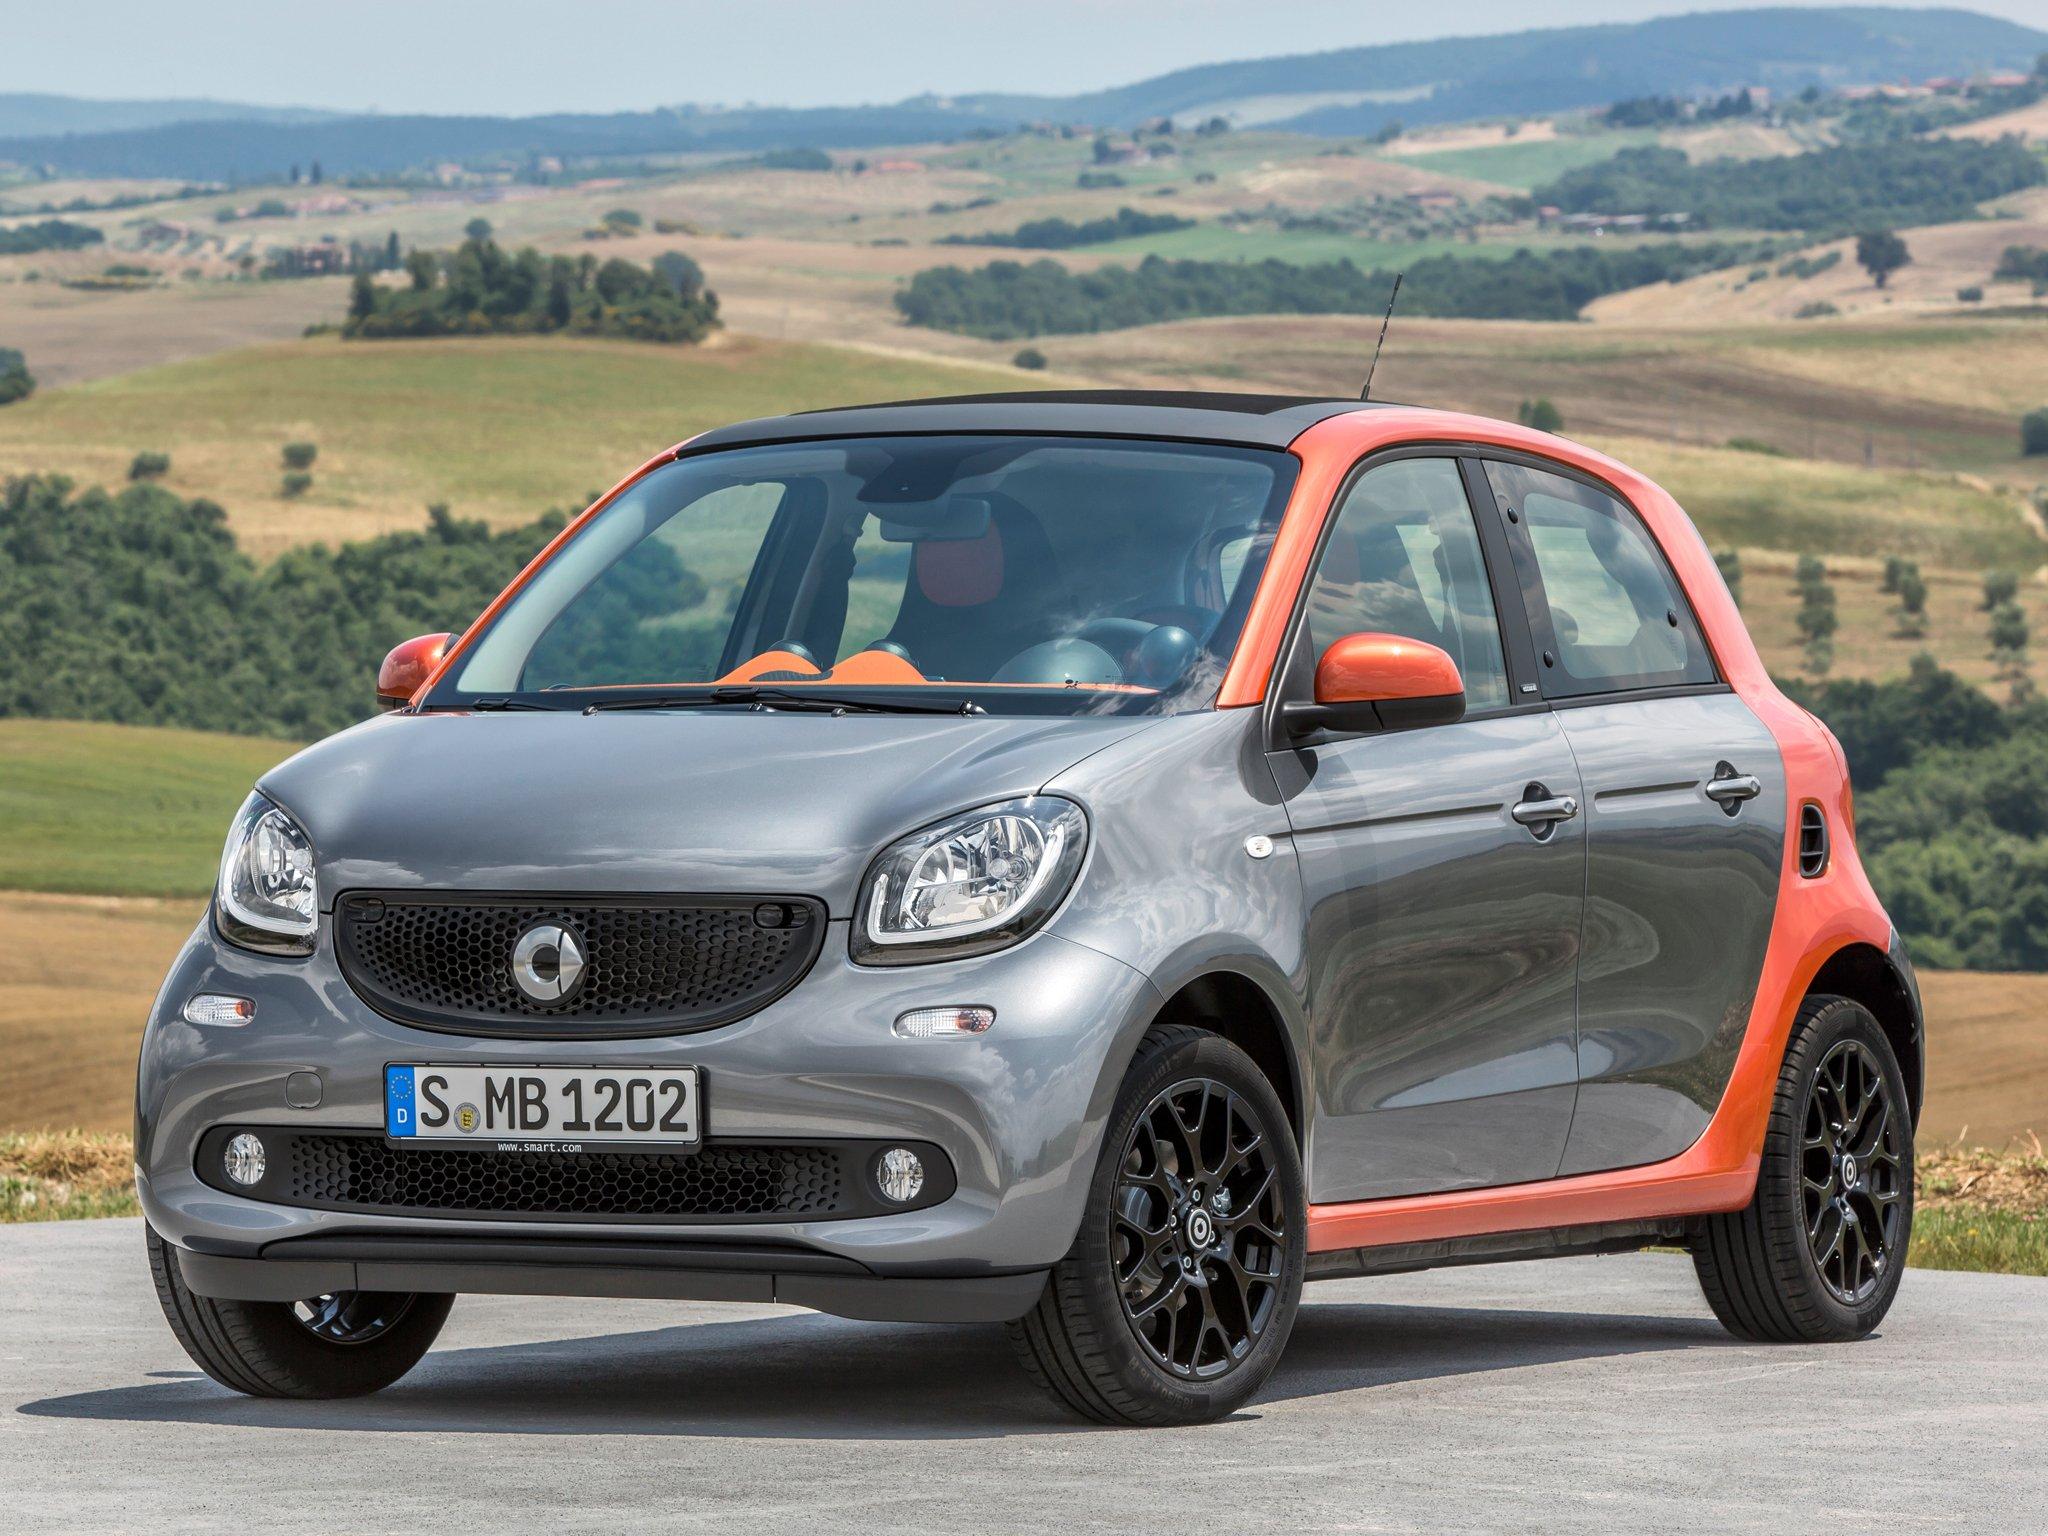 Раскрыта цена нового поколения автомобиля Smart в России